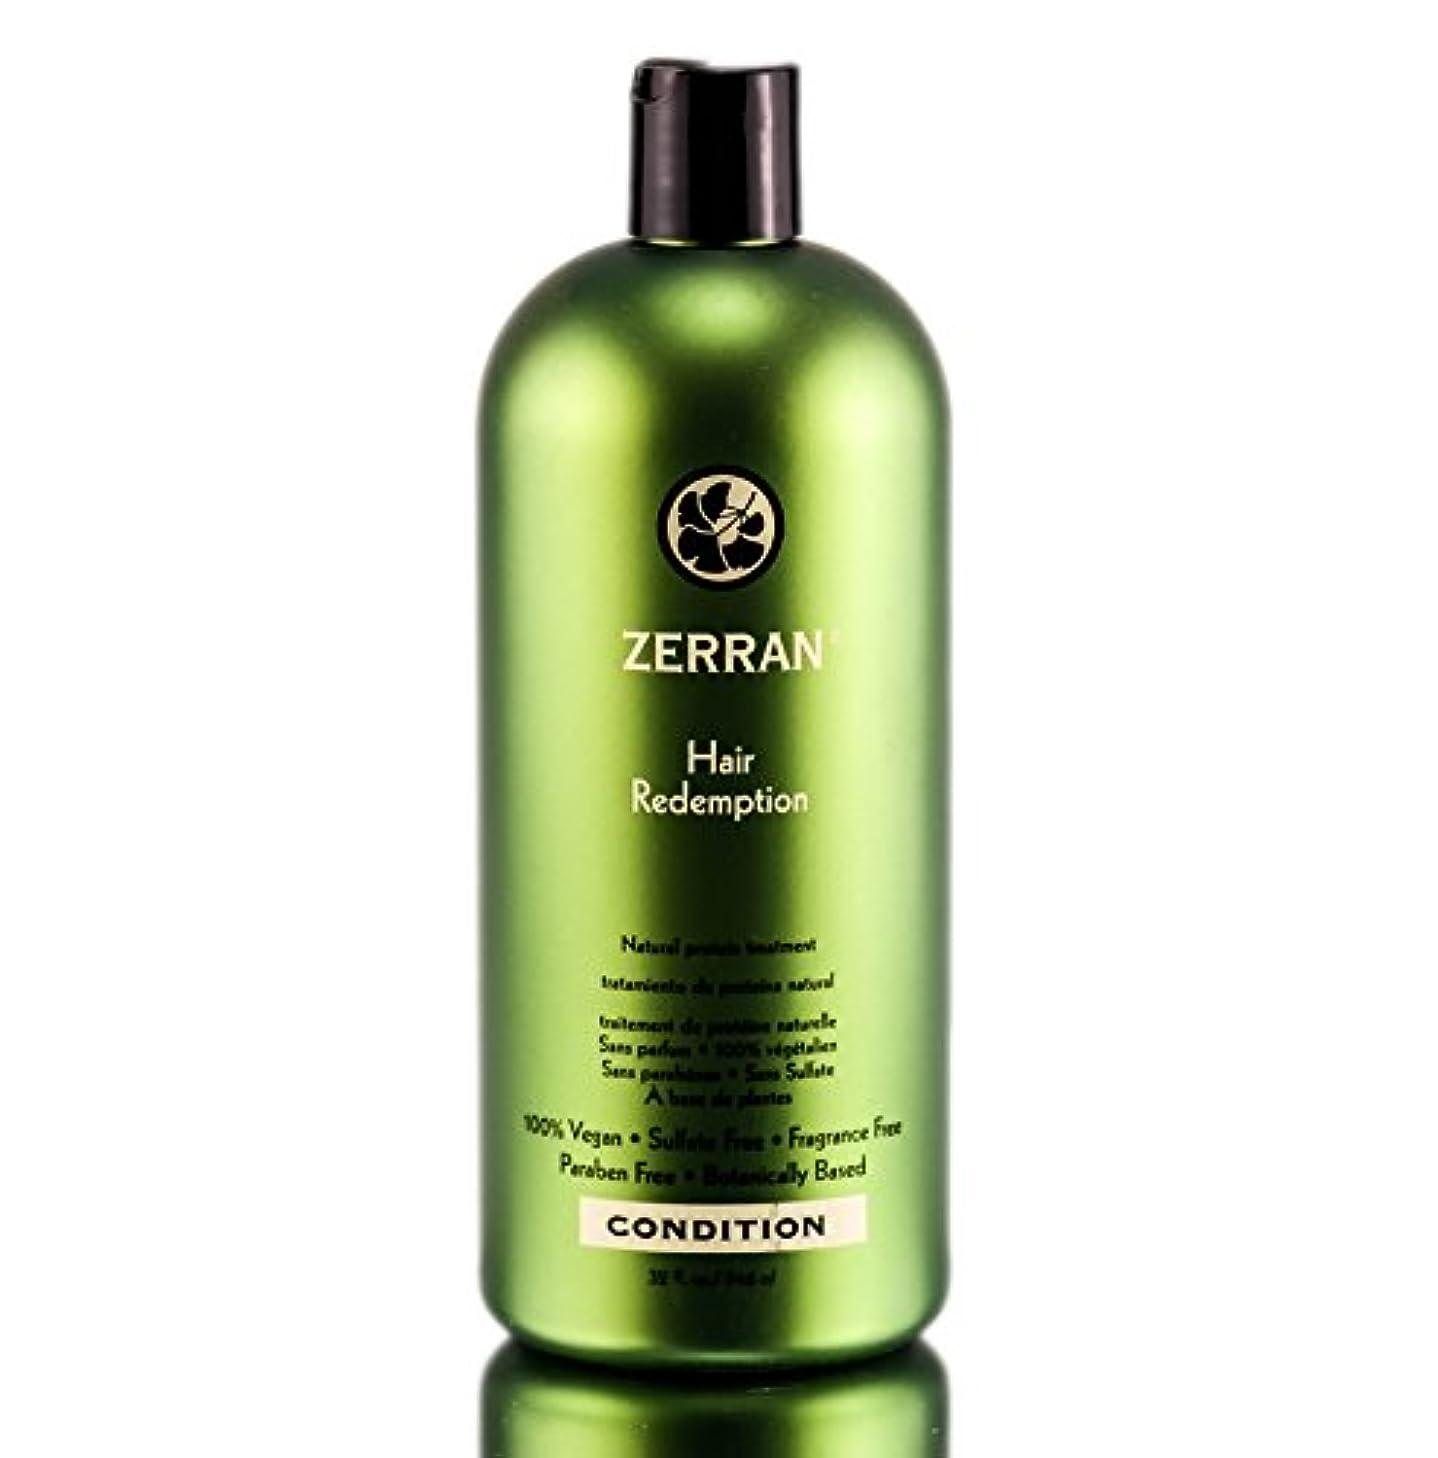 仮定する雑草アッティカスZerran Hair Care Zerran髪の償還 - emergeny天然のタンパク質の髪の補修 - 33.8オンス/リットル 33.8オンス